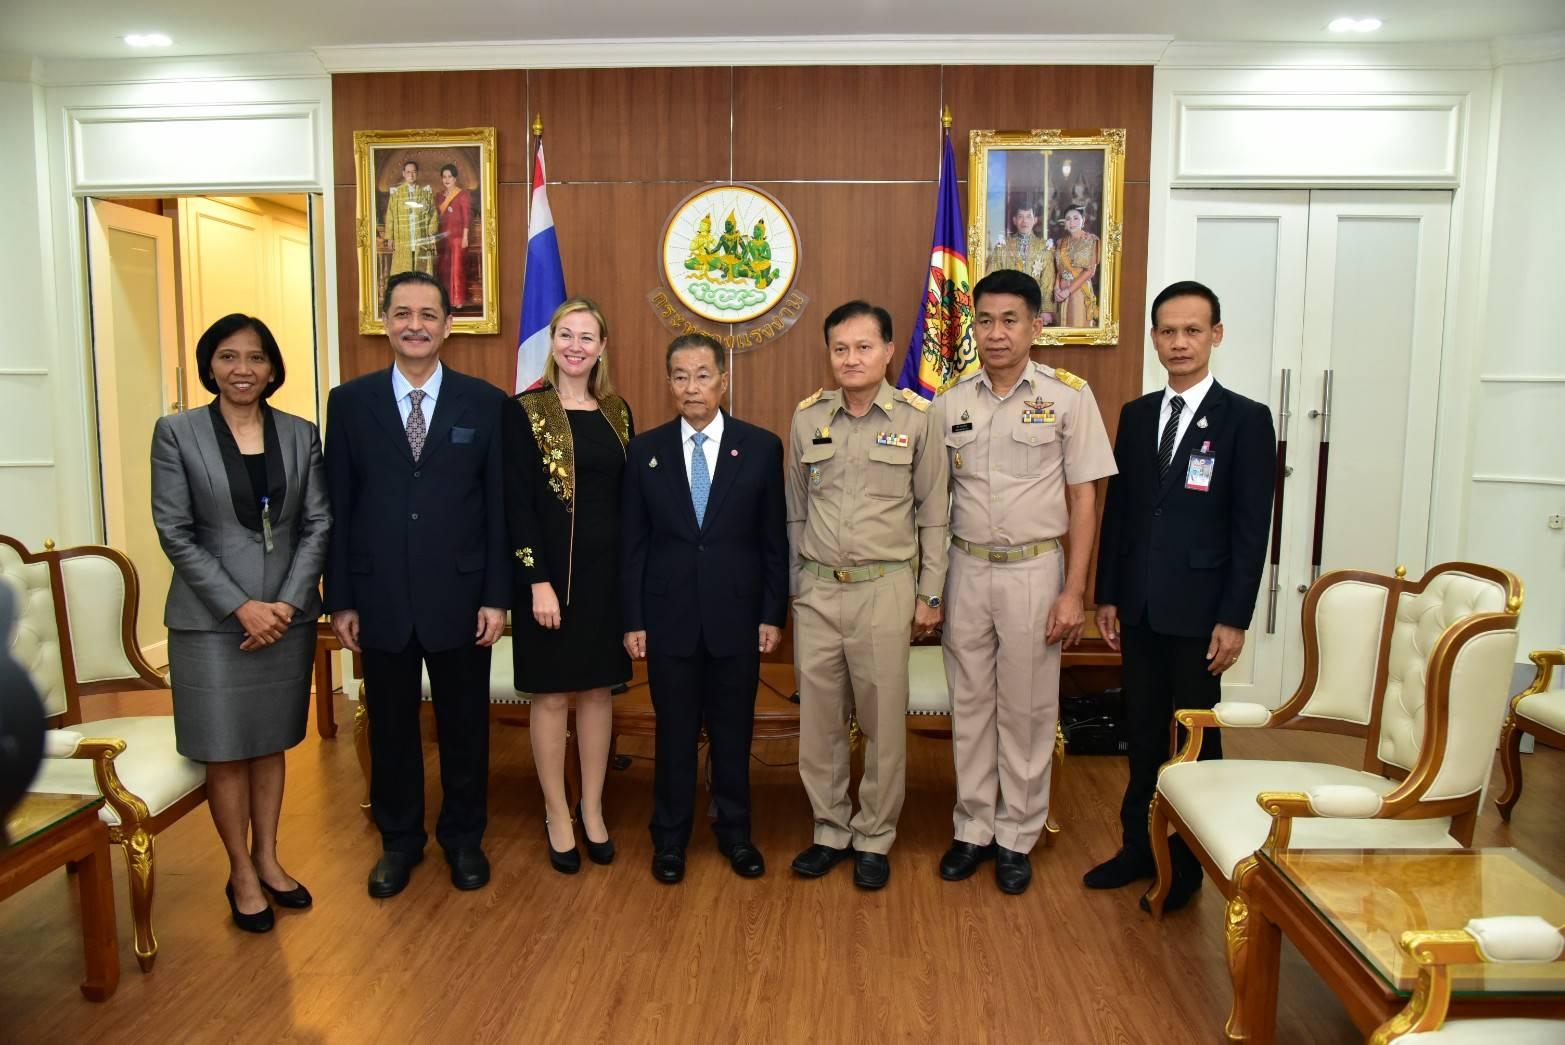 รองอธิบดีกรมการจัดหางาน ร่วมให้การต้อนรับ คณะหอการค้าอเมริกาในประเทศไทย ในโอกาสเข้าเยี่ยมคาราวะรัฐมนตรีว่าการกระทรวงแรงงาน